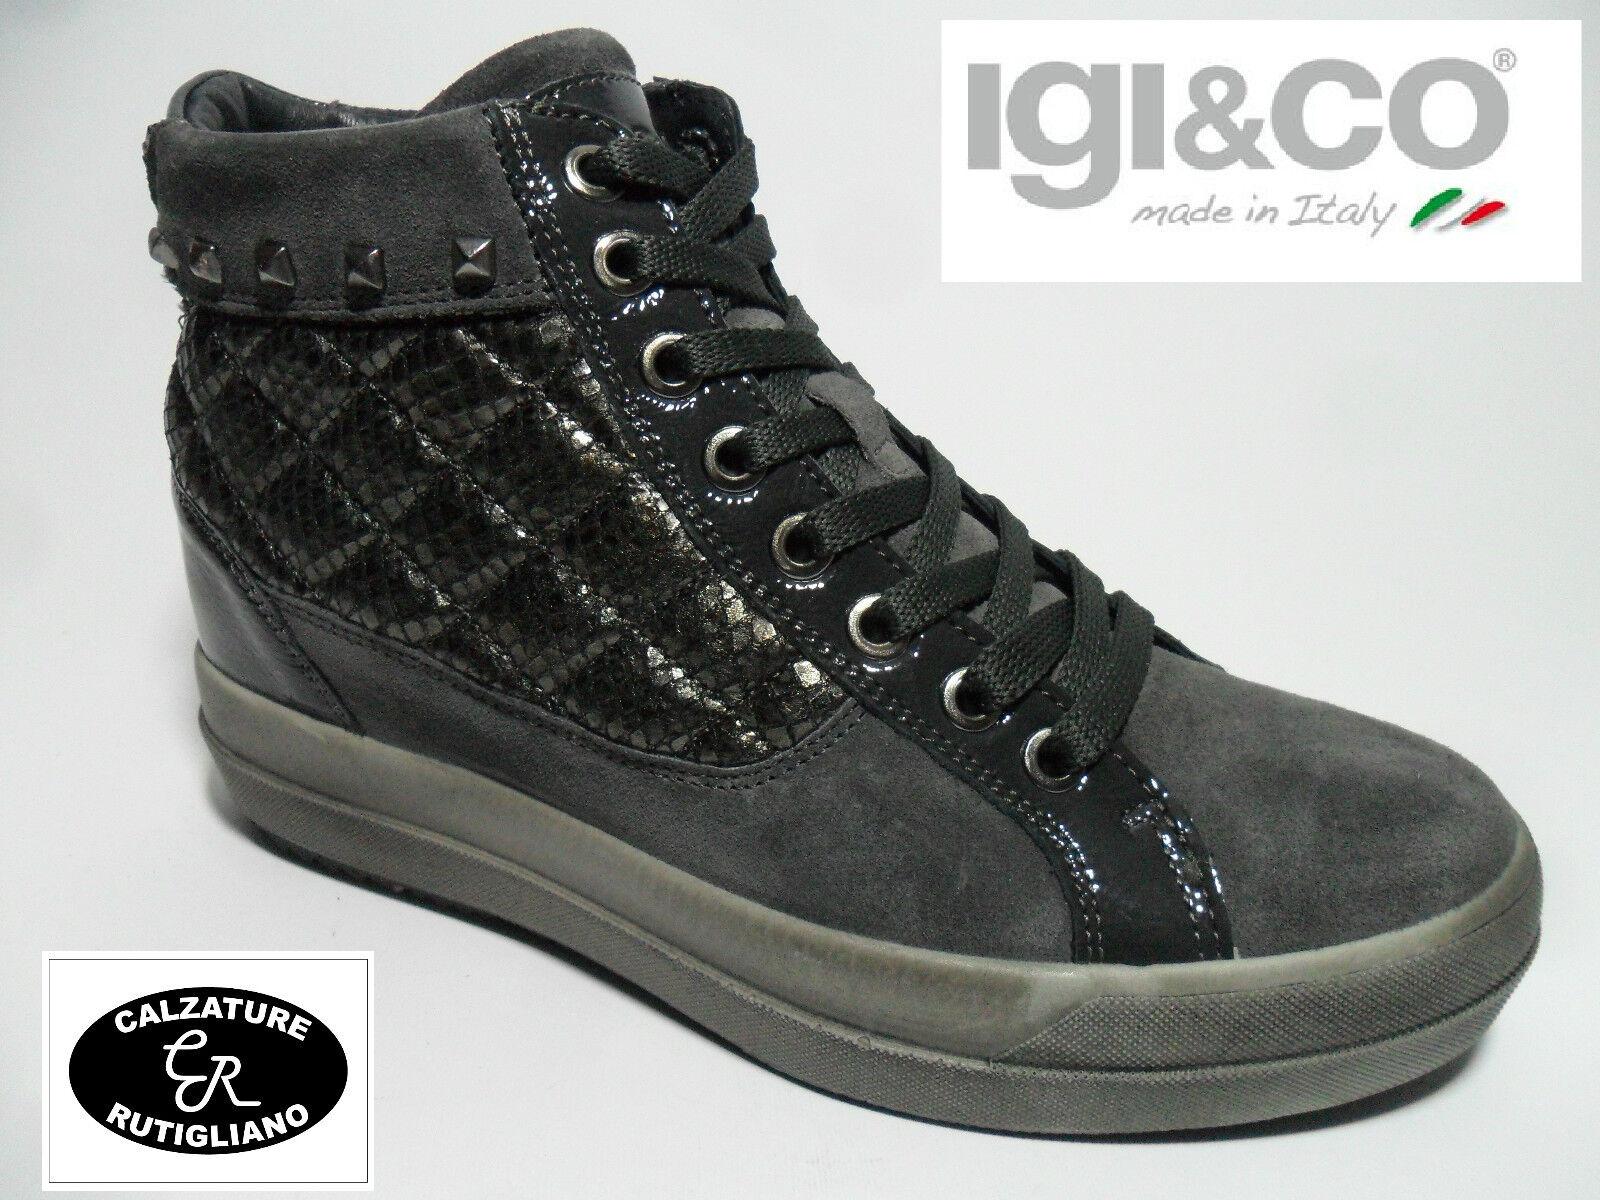 IGI & CO SCARPE DONNA MODELLO scarpe da ginnastica GRIGIO CON ZEPPA INTERNA 6 CM - 48031 | Buona qualità  | Maschio/Ragazze Scarpa